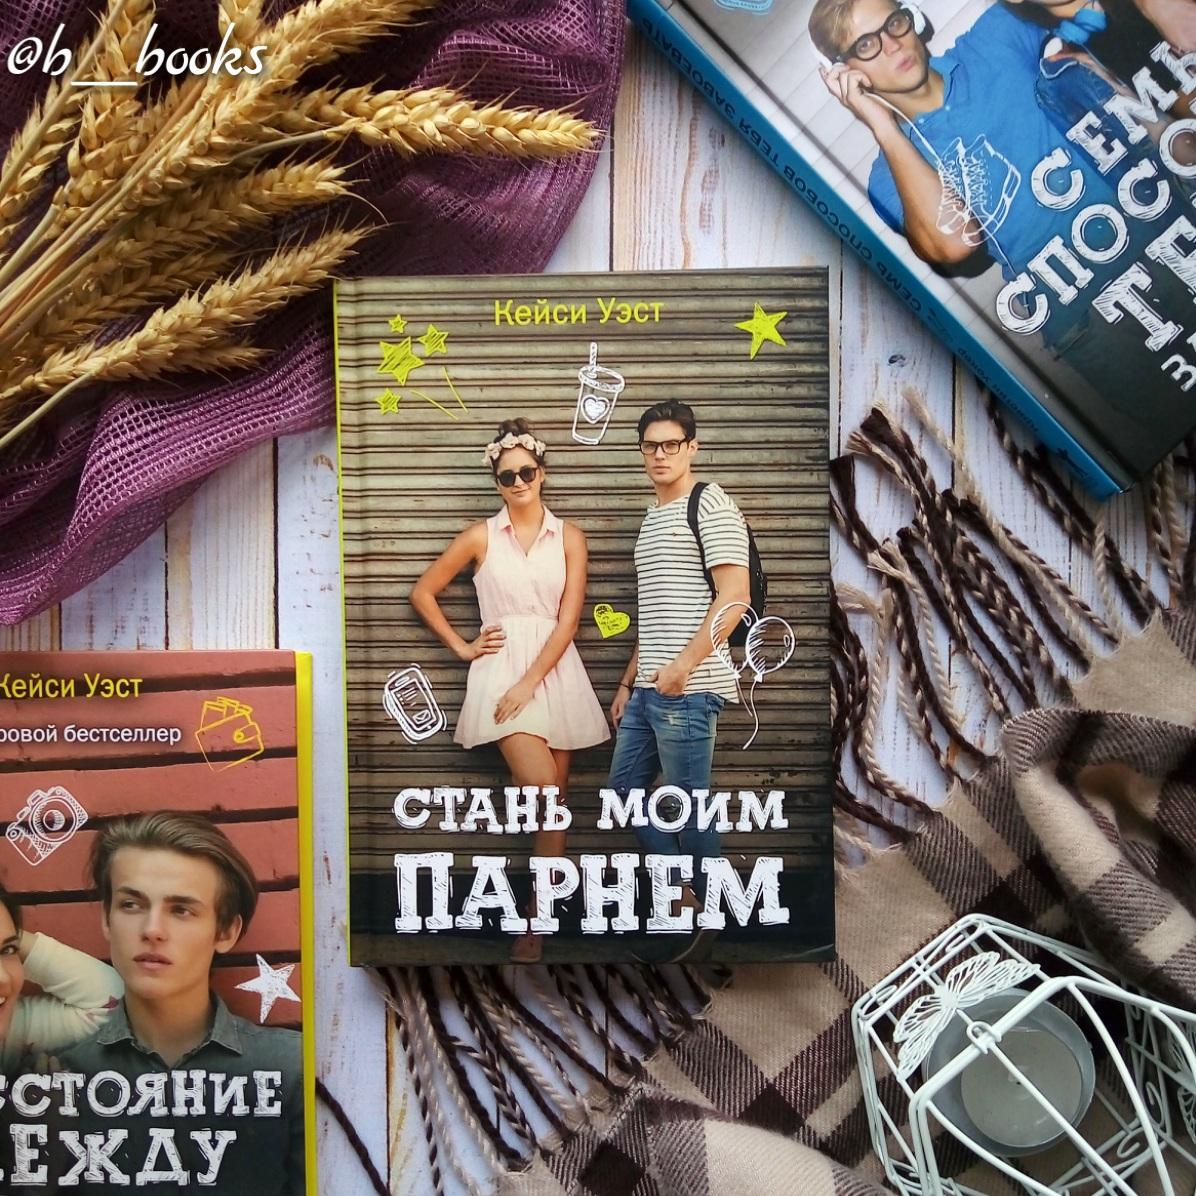 Отдельное спасибо книга стань моим парнем отзыв академического рисунка Москве